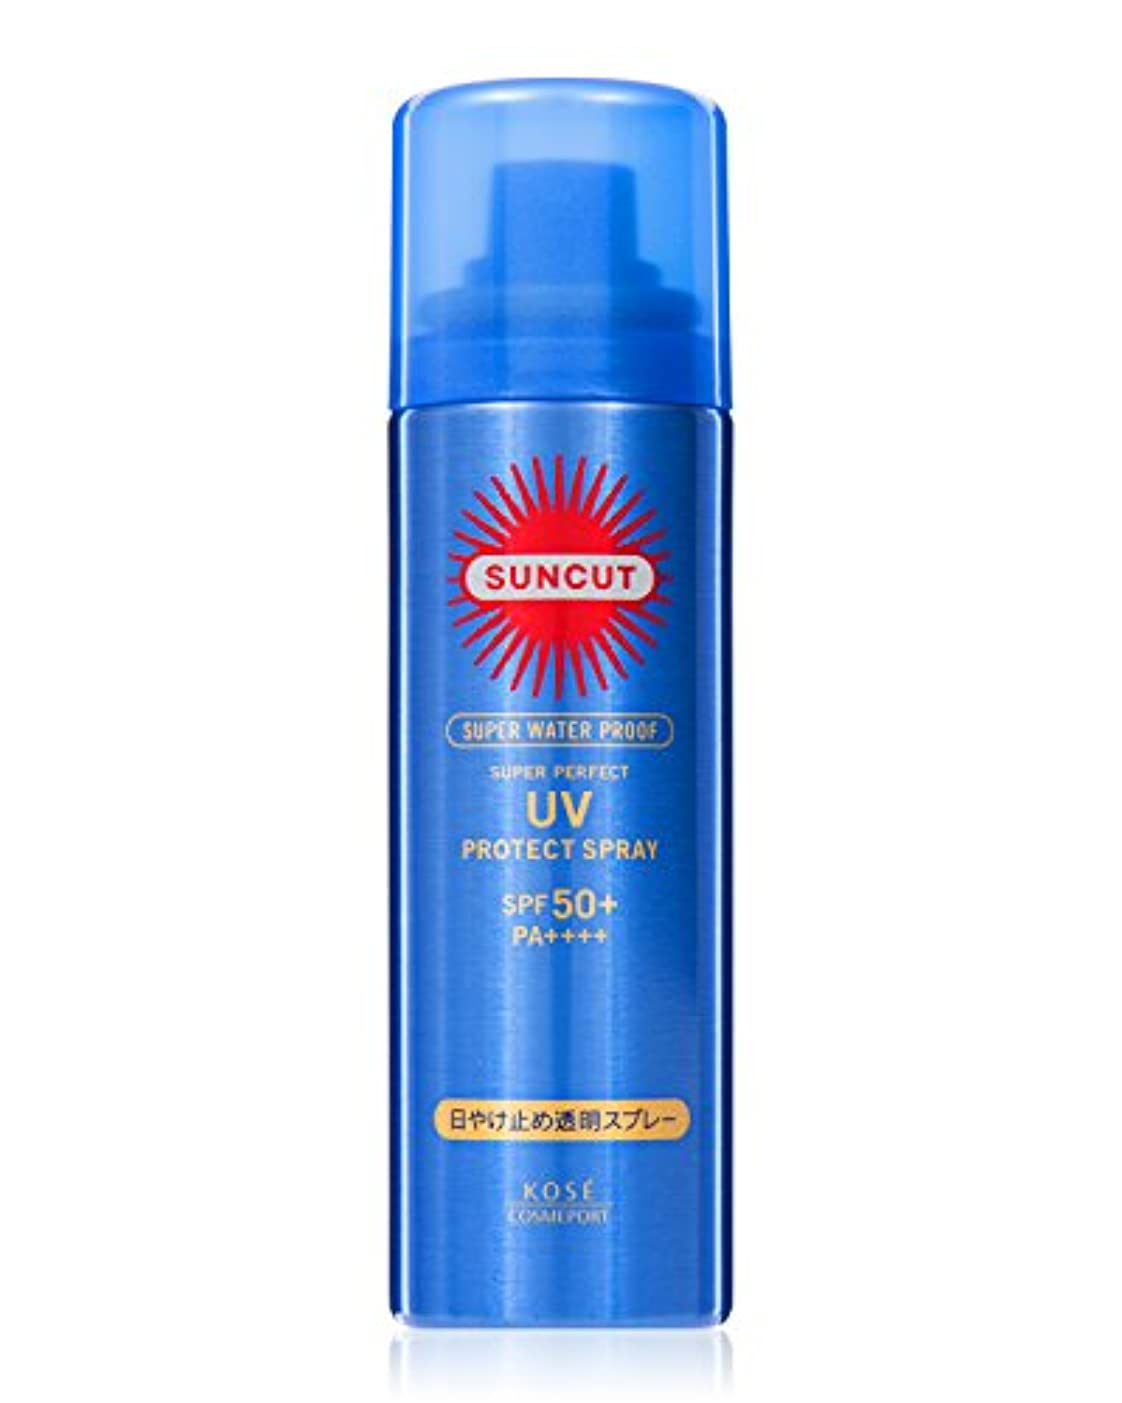 ガム誓約意図するKOSE コーセー サンカット 日焼け止め 透明 スプレー 無香料 50g SPF50+ PA++++ スーパー ウォータープルーフ